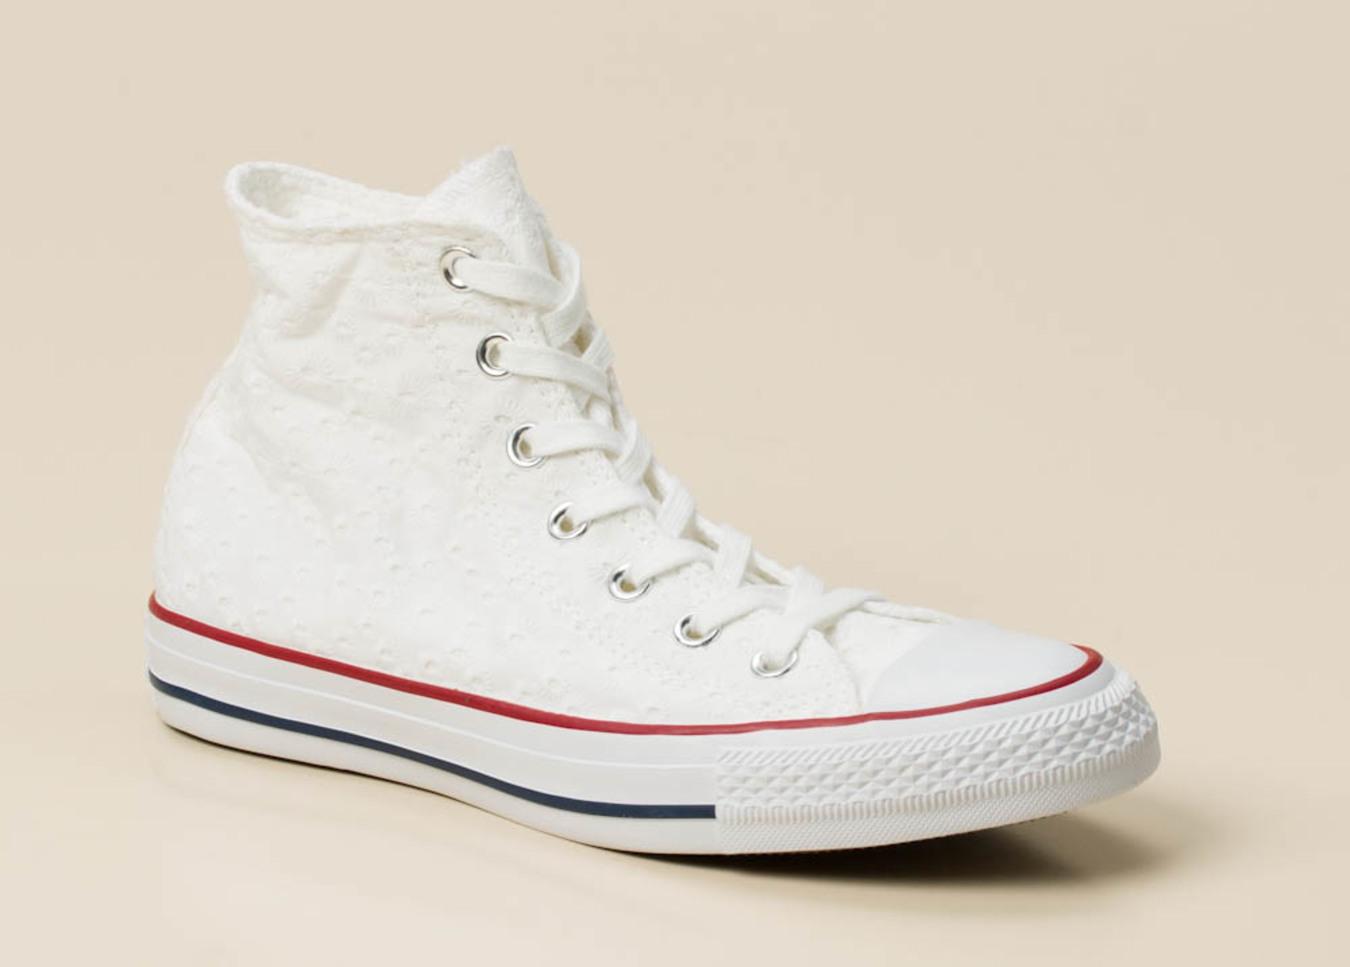 Converse Damen Sneaker high in weiß kaufen | Zumnorde Online